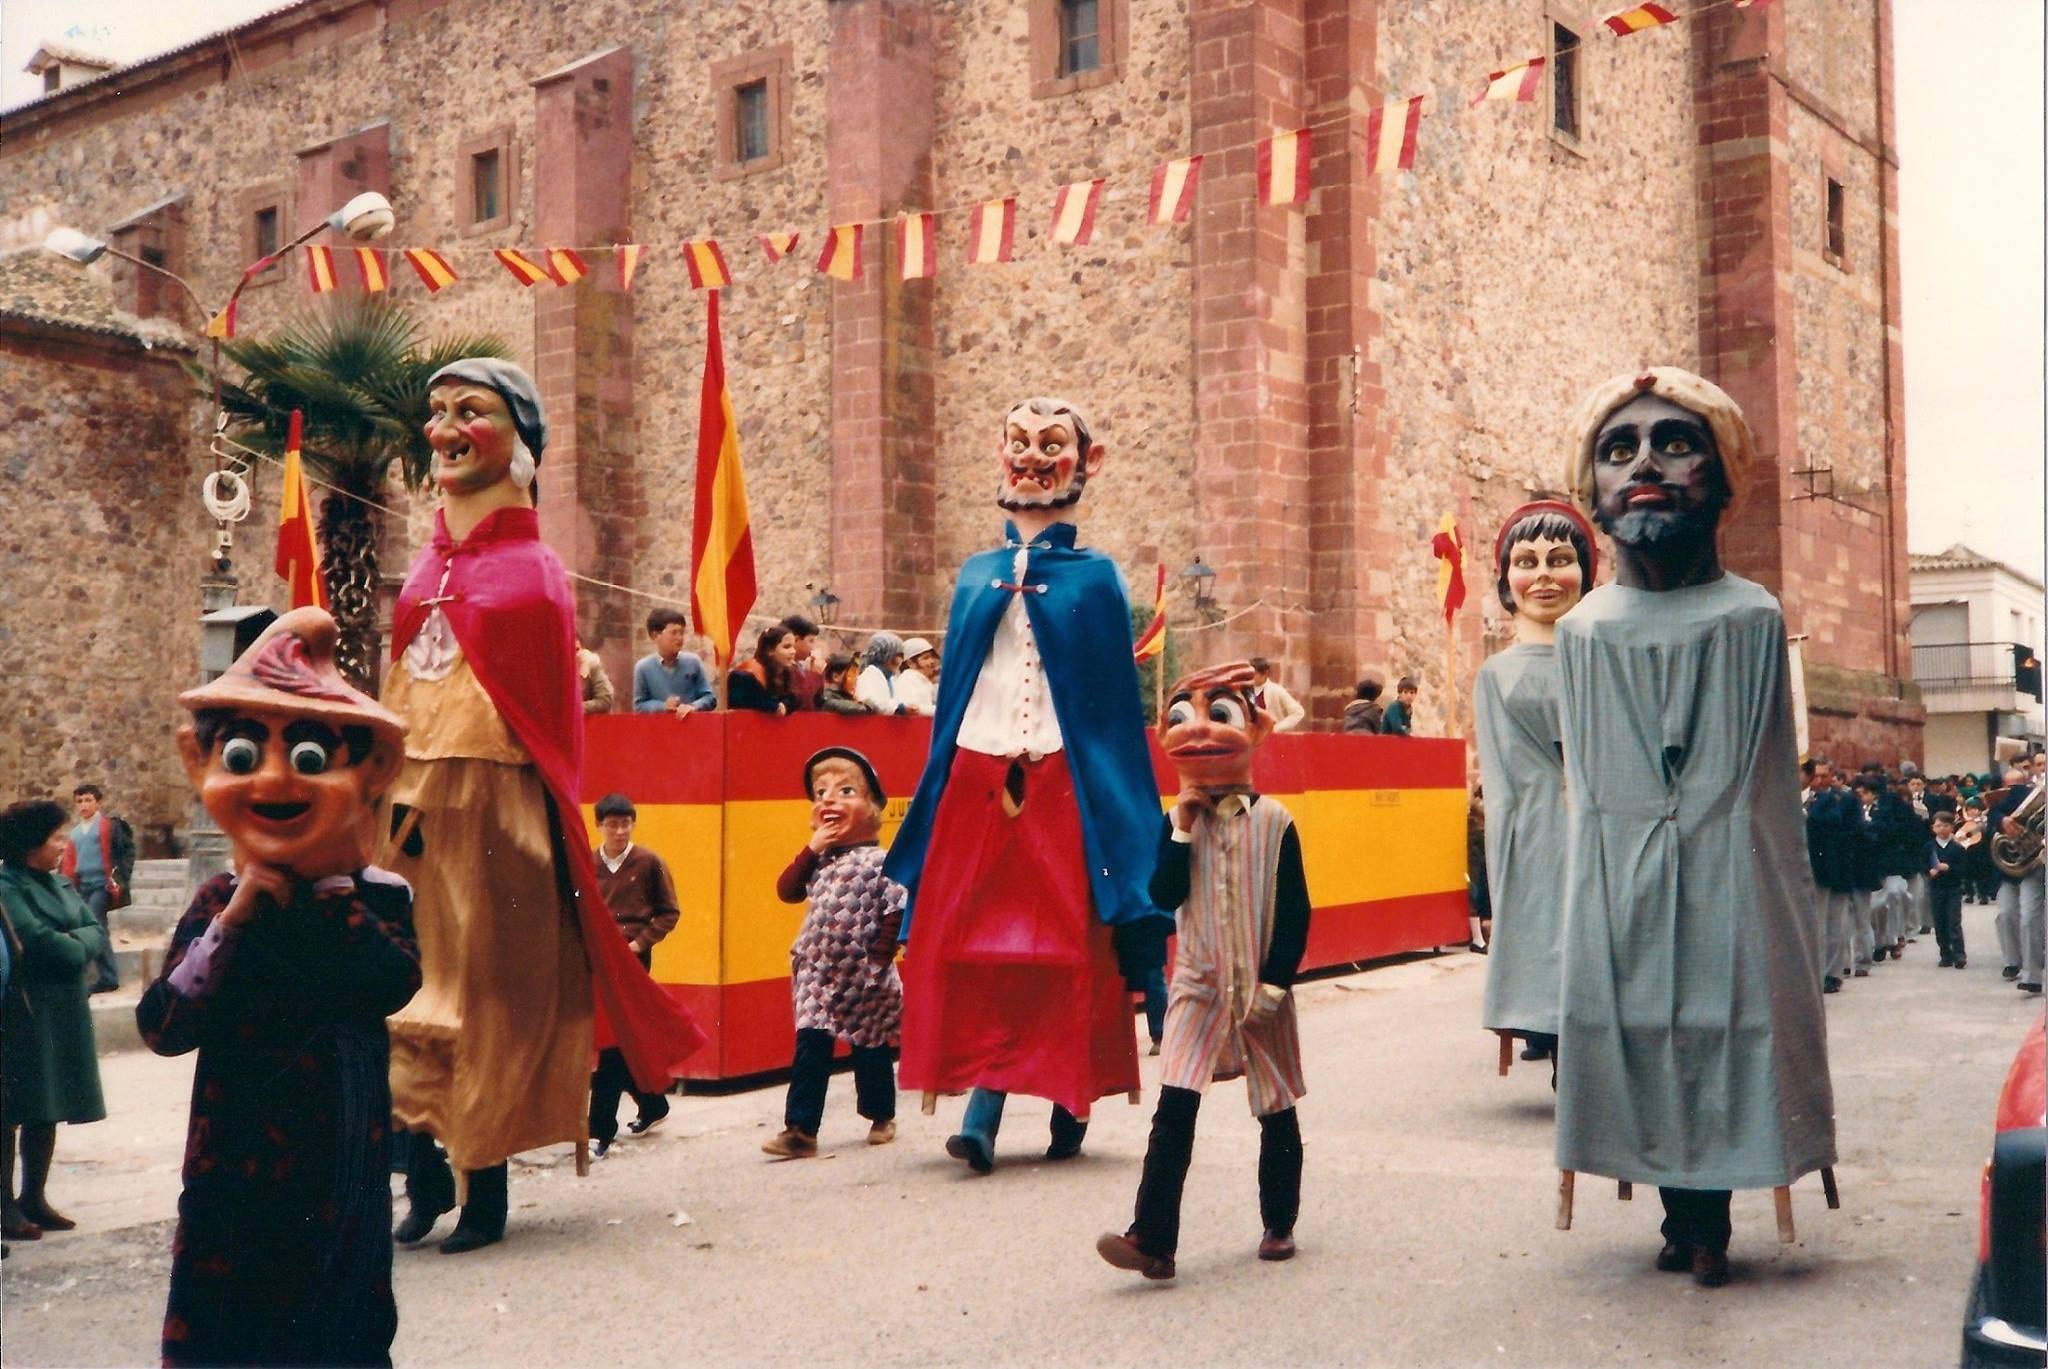 carnaval de herencia 1980 - La Máscara de Carnaval, nuestros Gigantes y Cabezudos y Mariano